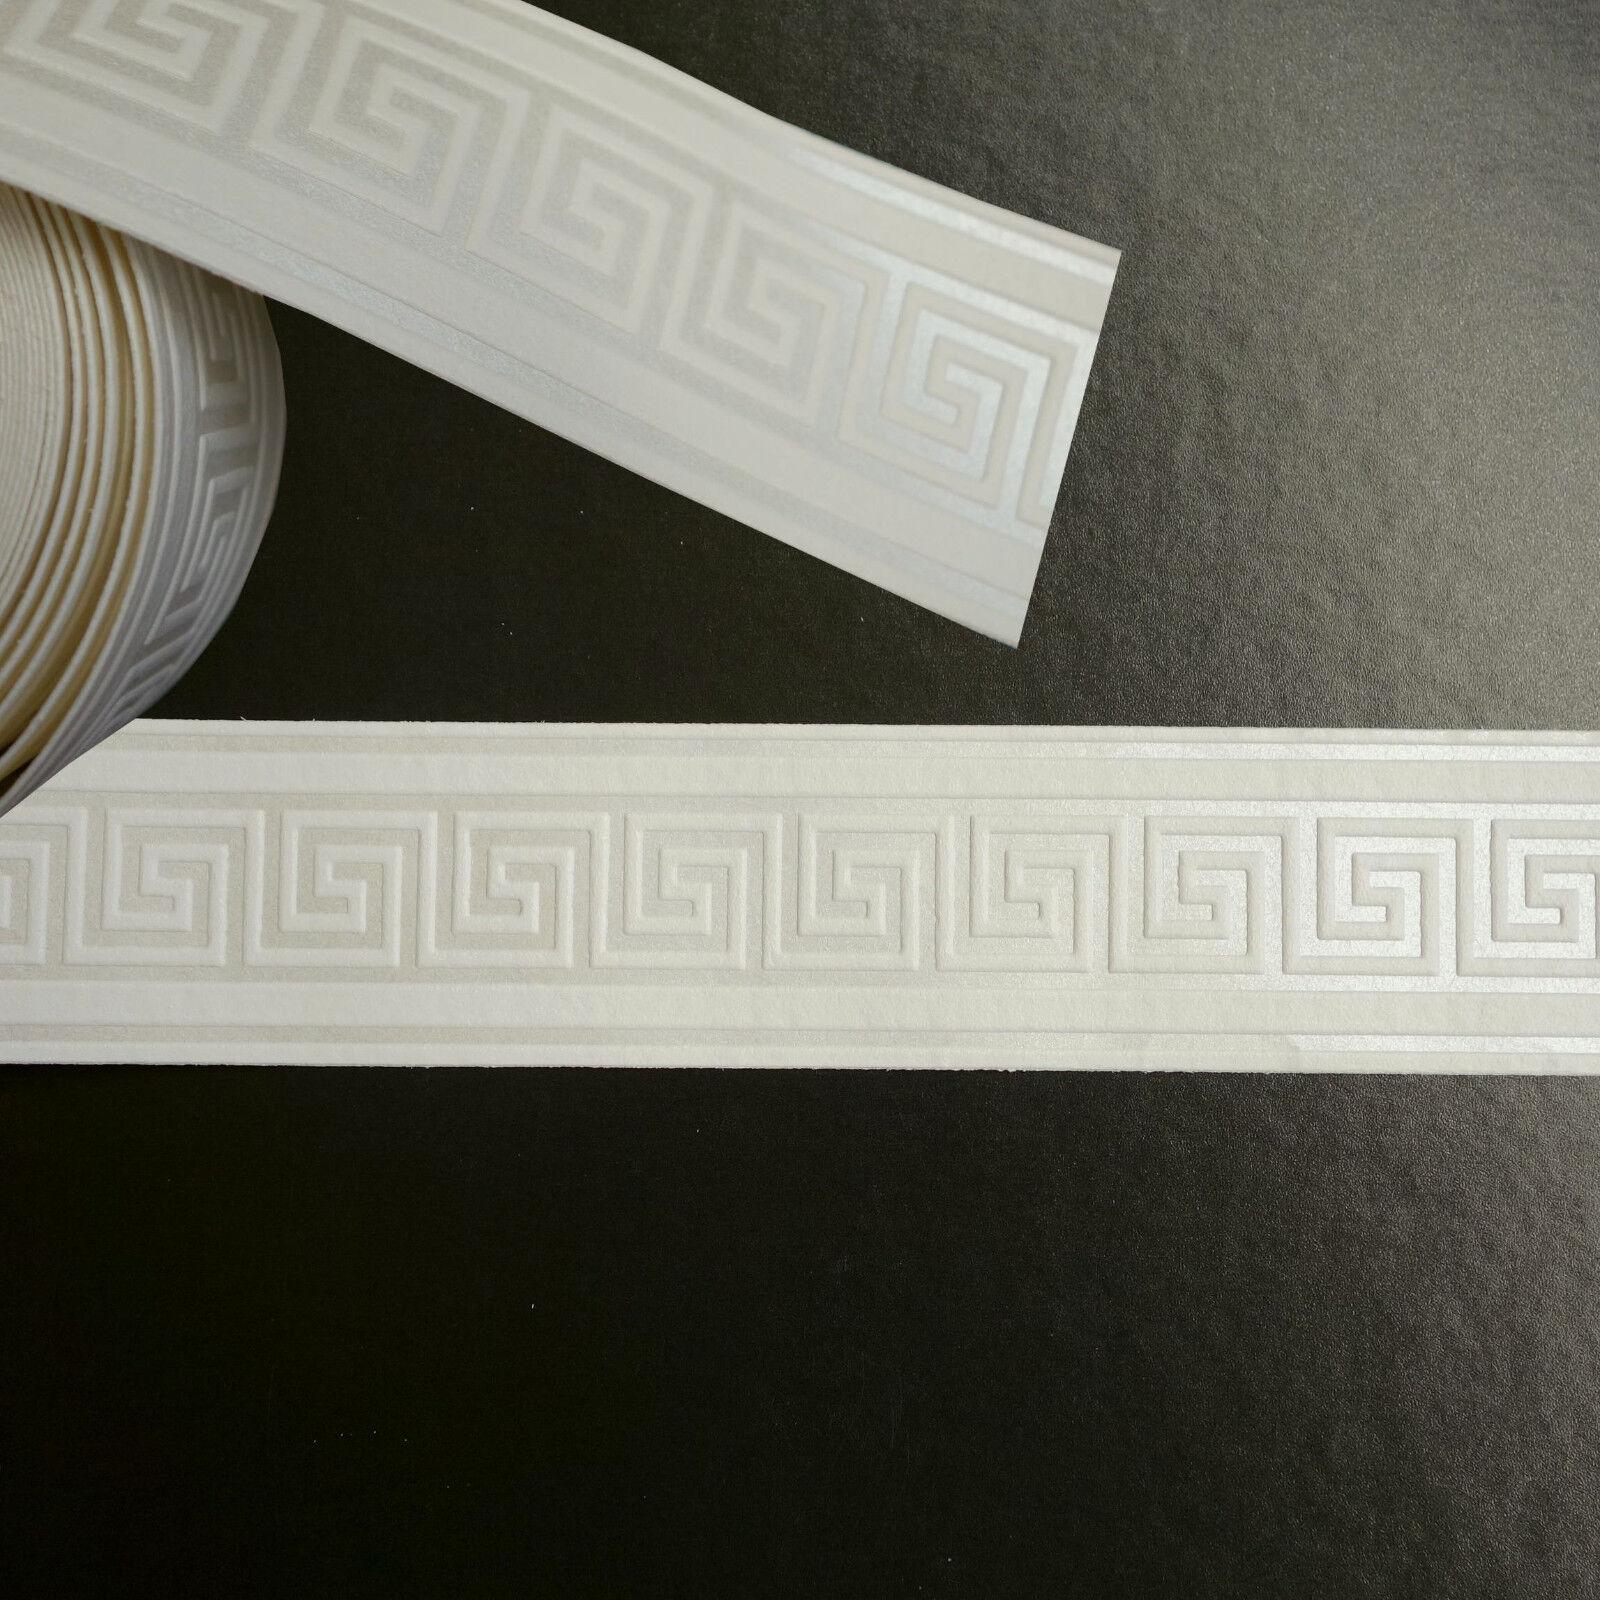 Alkor selbstklebende Bordüre Rollebreite 5,0cm bis 7,5cm